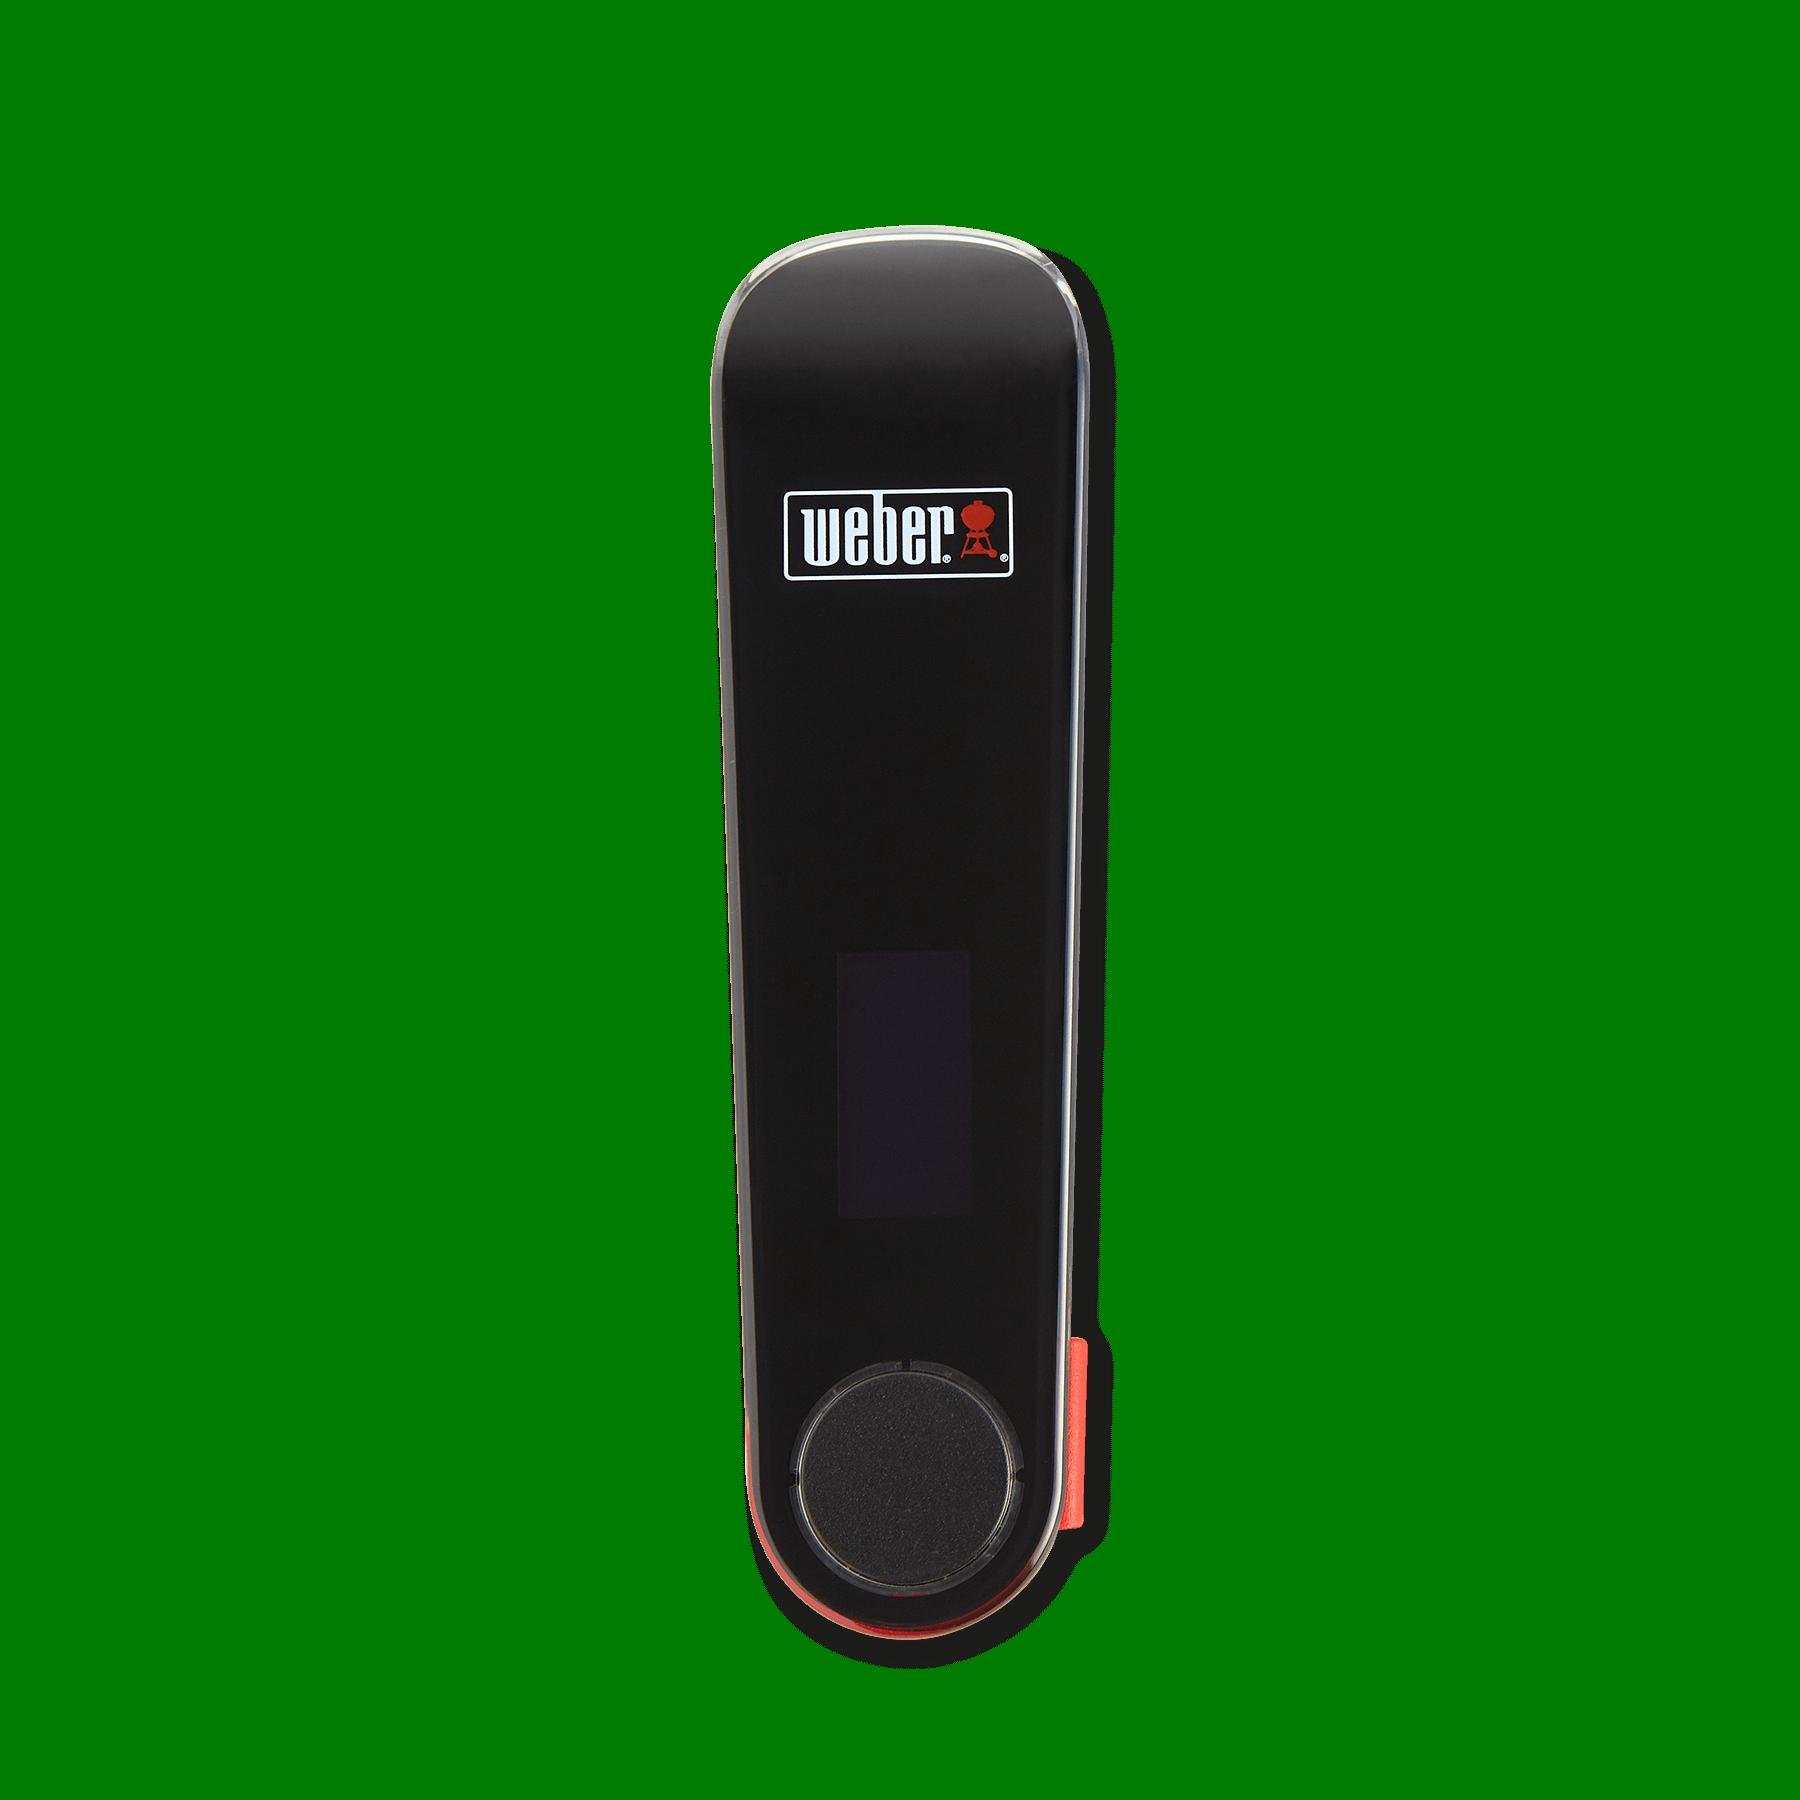 Weber iGrill Mini 50-380/°C Digitale termometro per Cibo